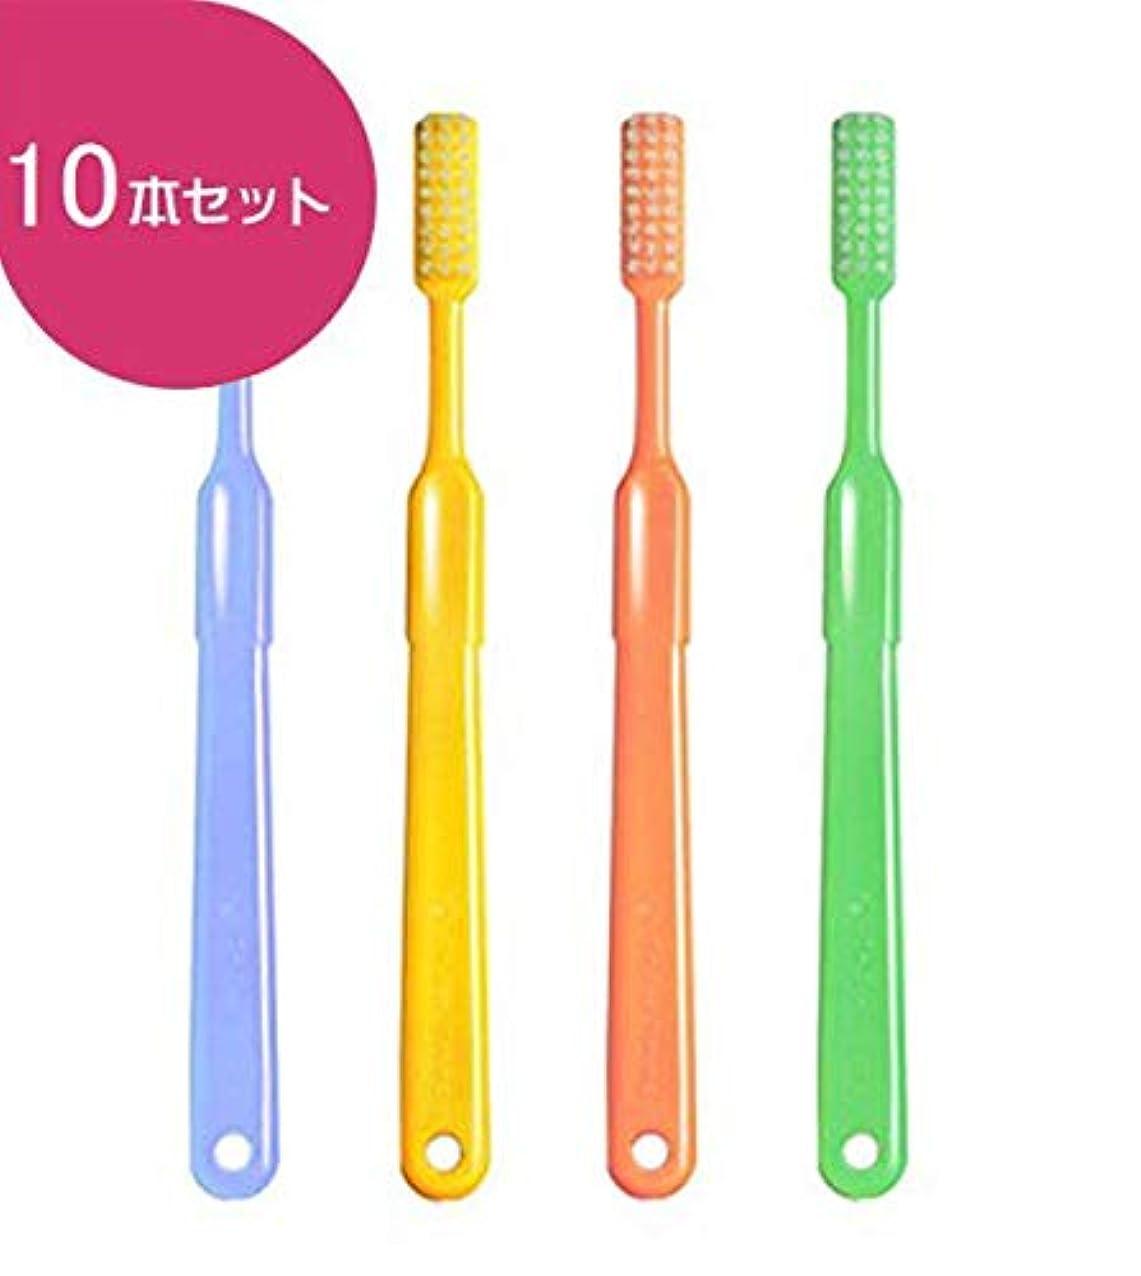 刺繍薄暗い燃料ビーブランド ドクター ビーヤング 歯ブラシ 10本 (ヤングハード)